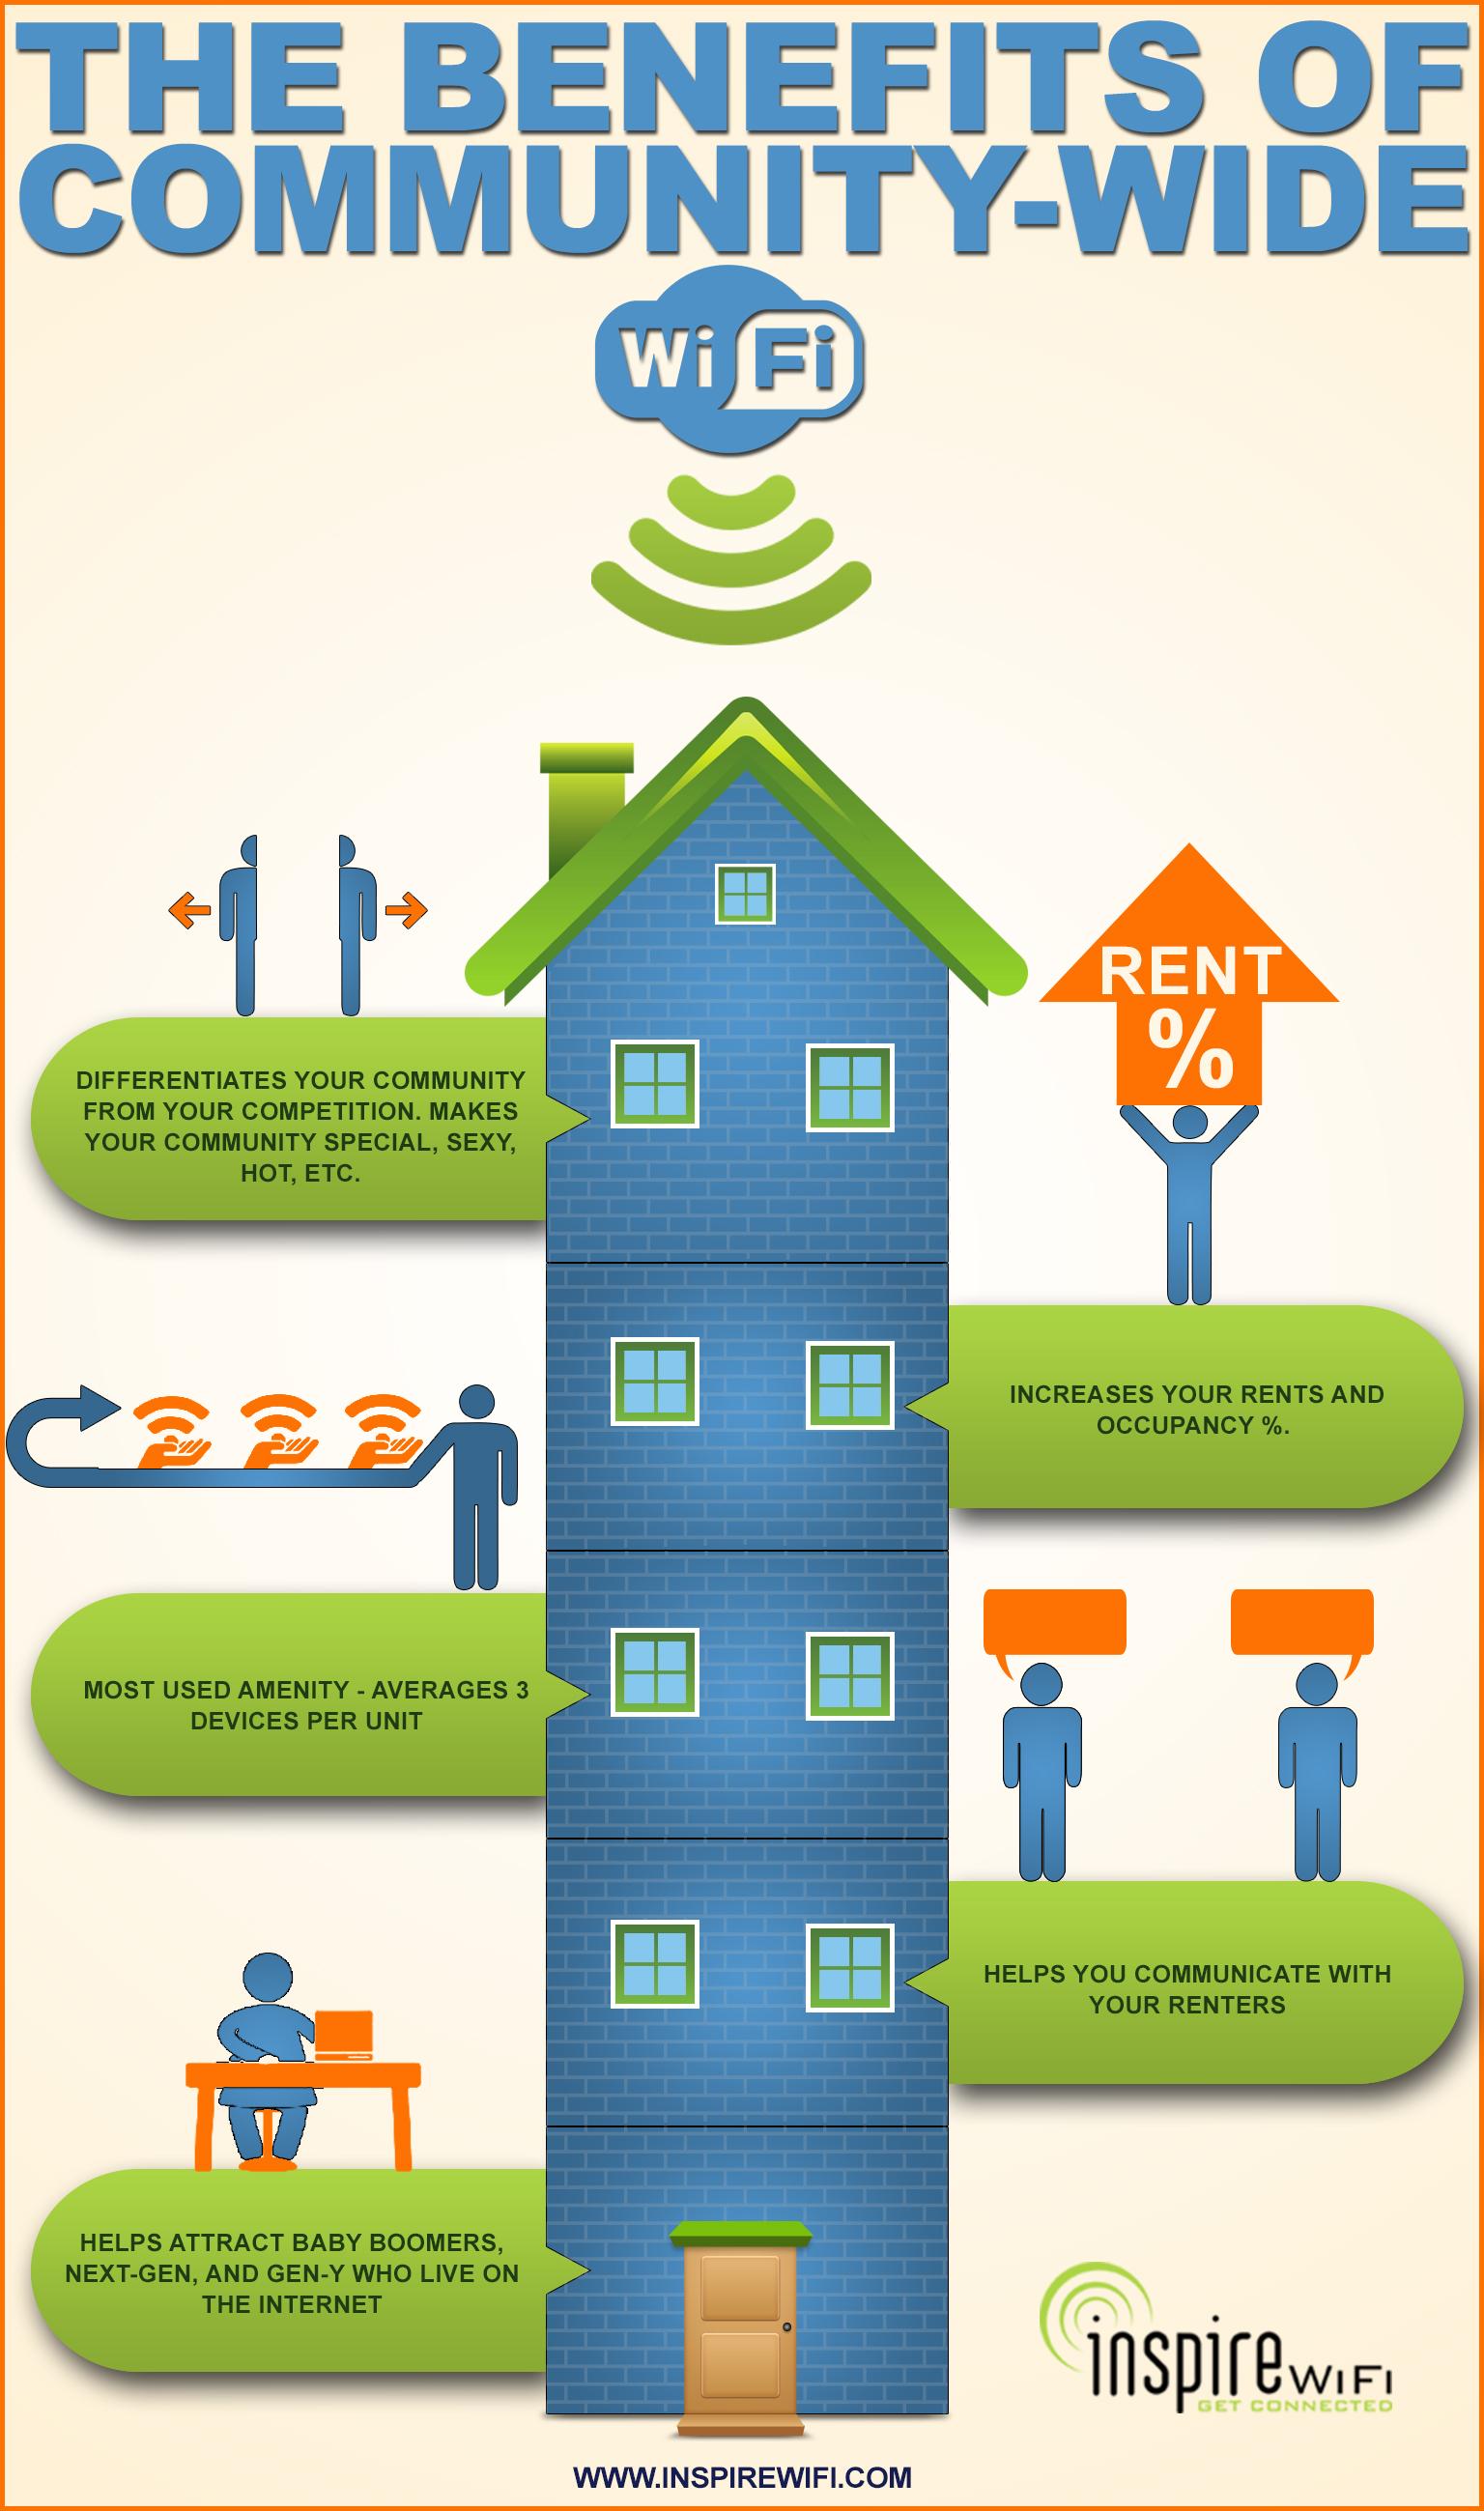 the-benefits-of-communitywide-wifi_51e593eb7e890